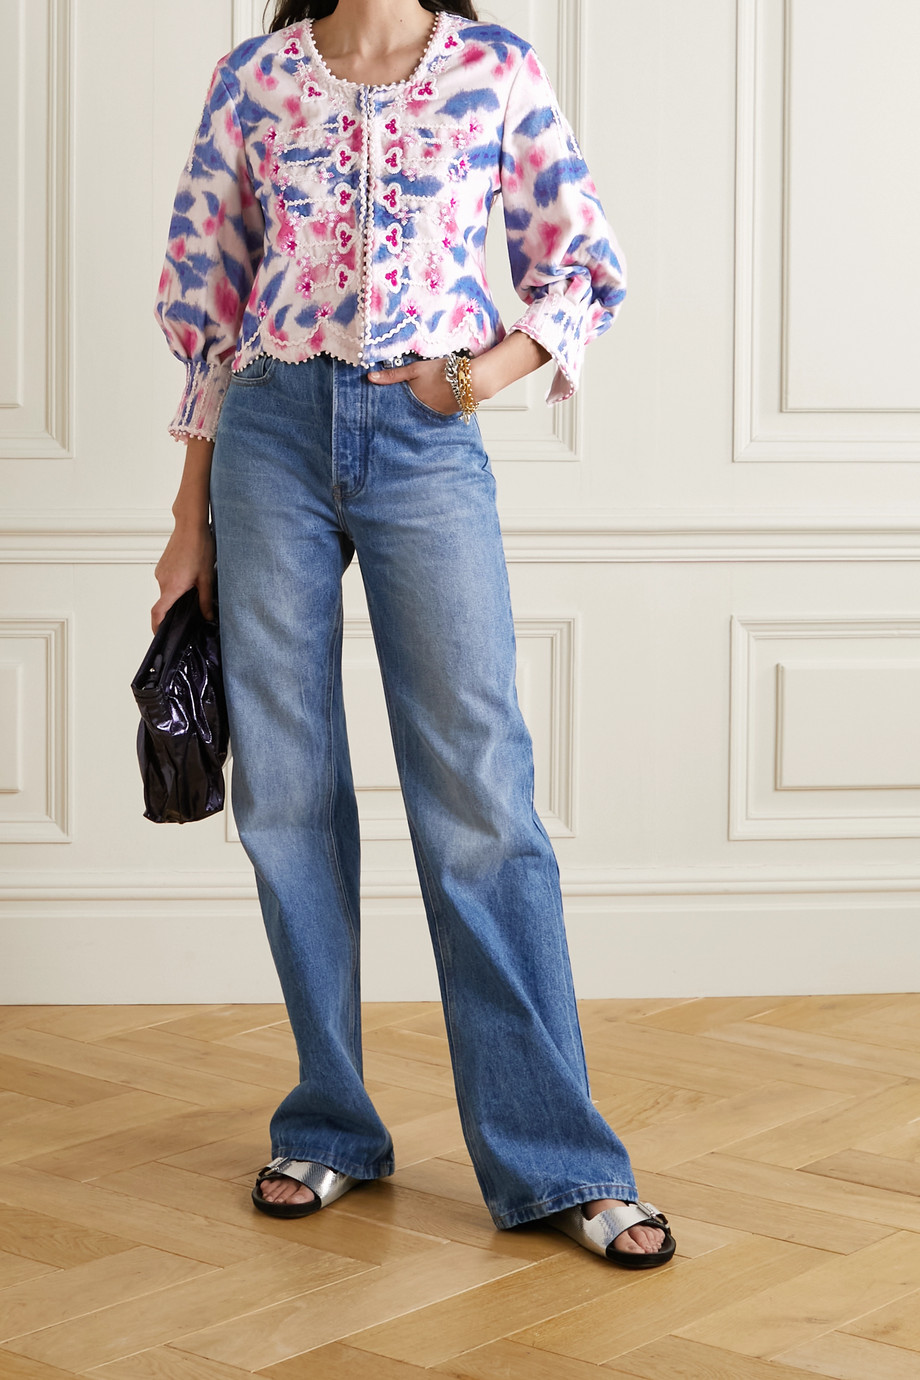 Isabel Marant Camity Bluse aus bedrucktem Baumwollsamt mit Stickereien und Verzierungen